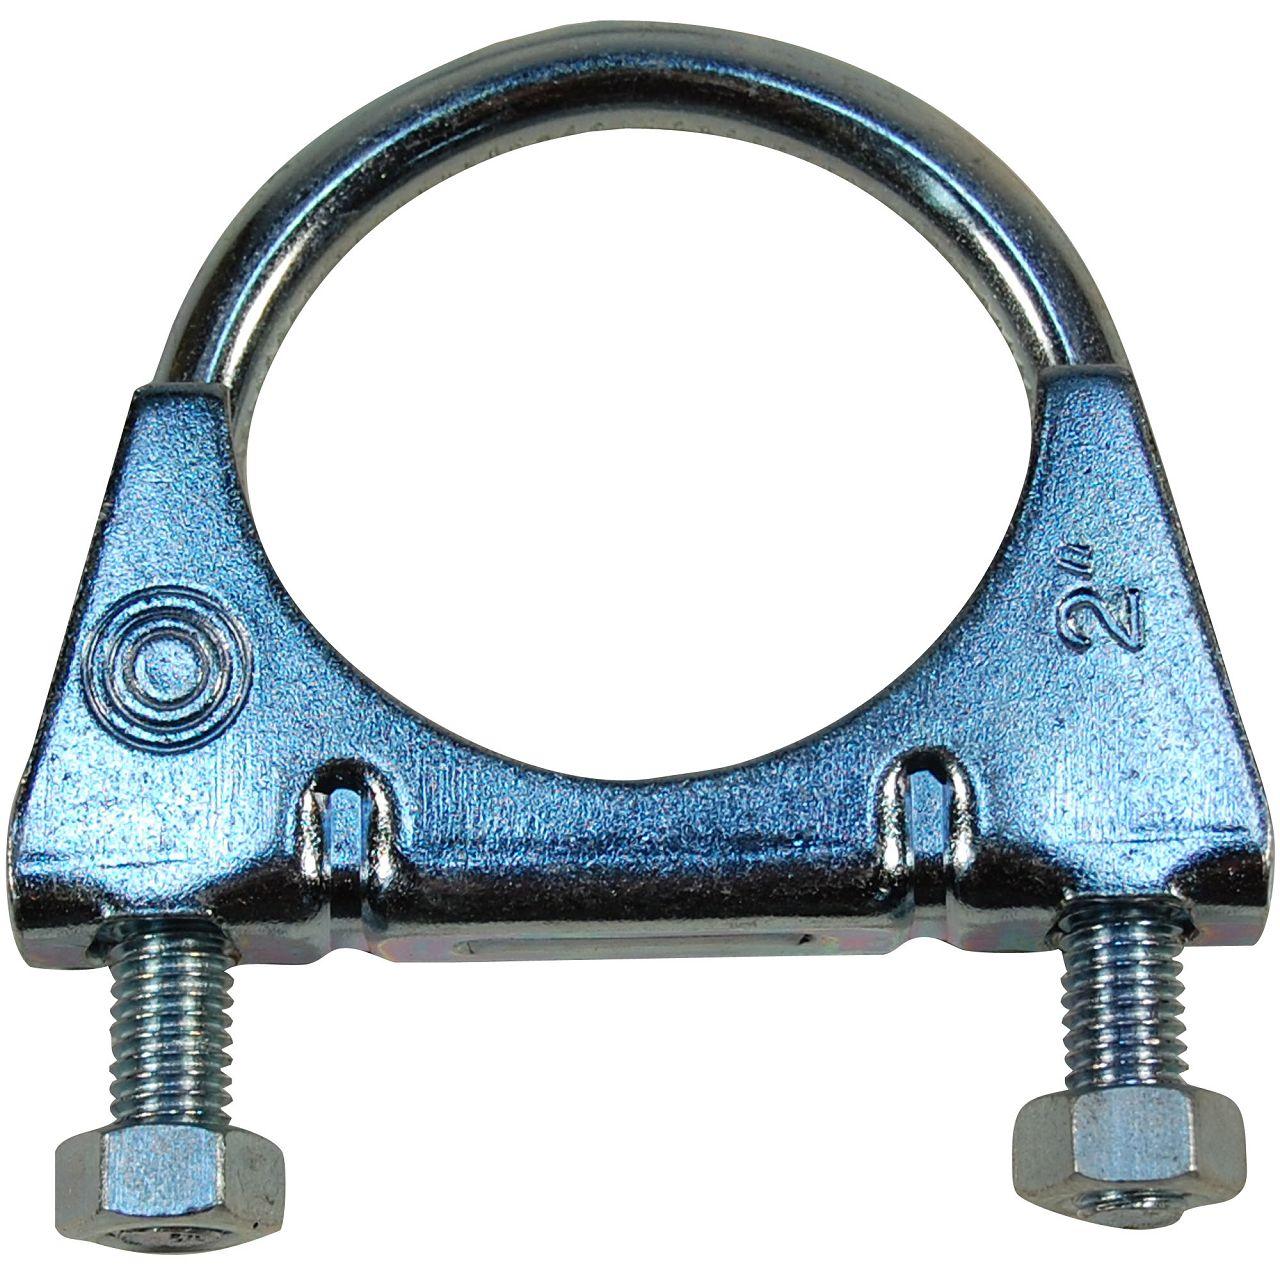 HJS Rohrschelle Rohrverbinder Bügelschelle Auspuff Abgasanlage M8 Ø 50 mm